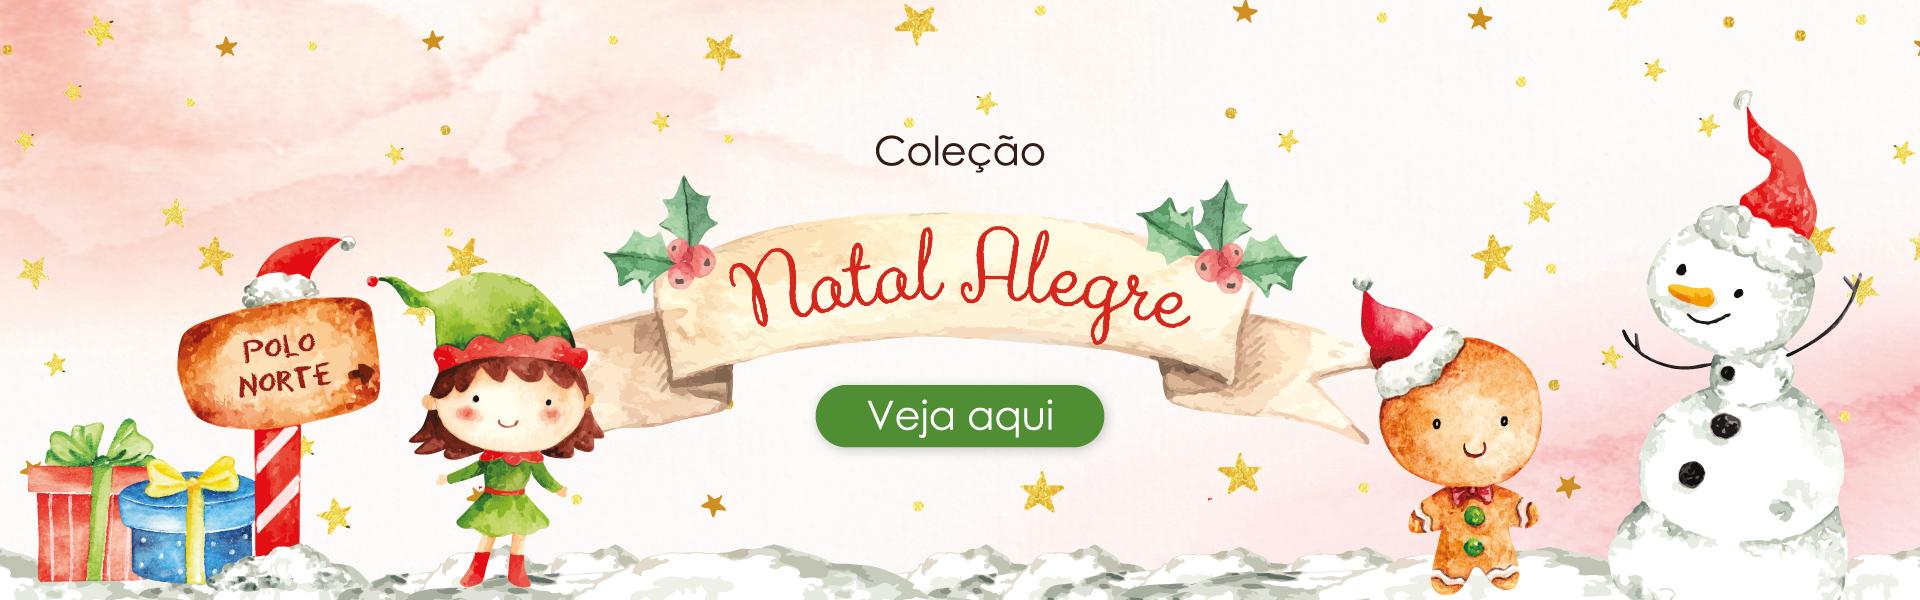 Natal Alegre